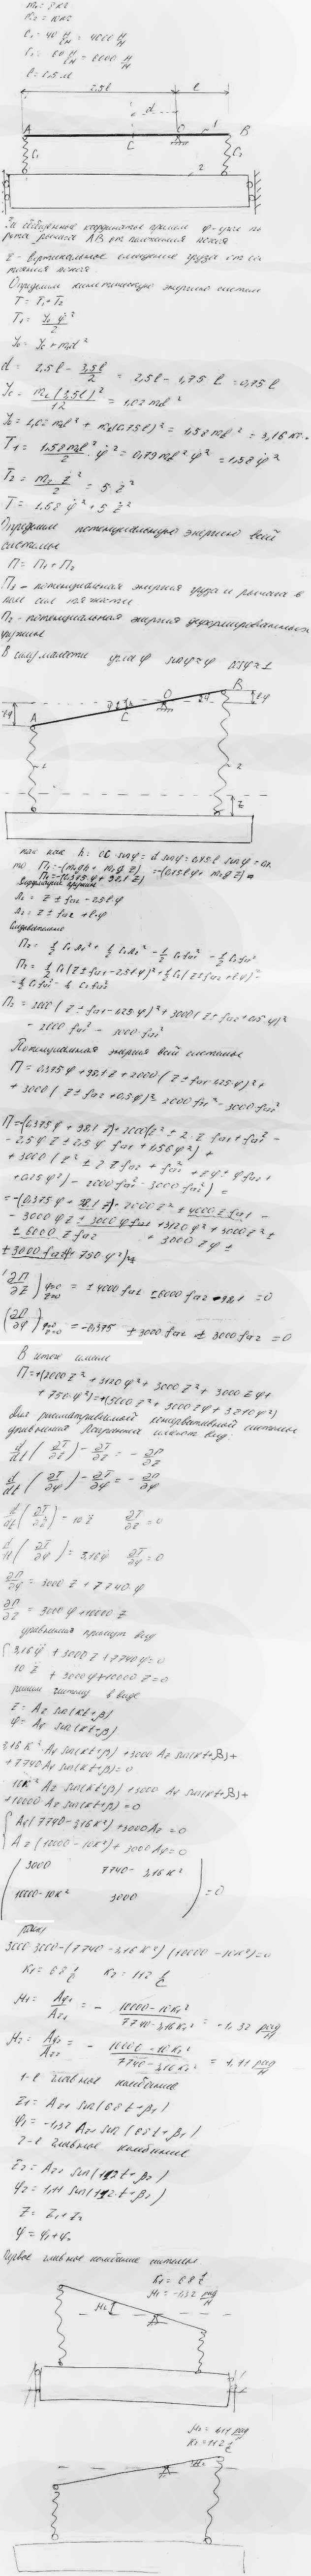 Яблонский задание Д24..., Задача 15335, Теоретическая механика